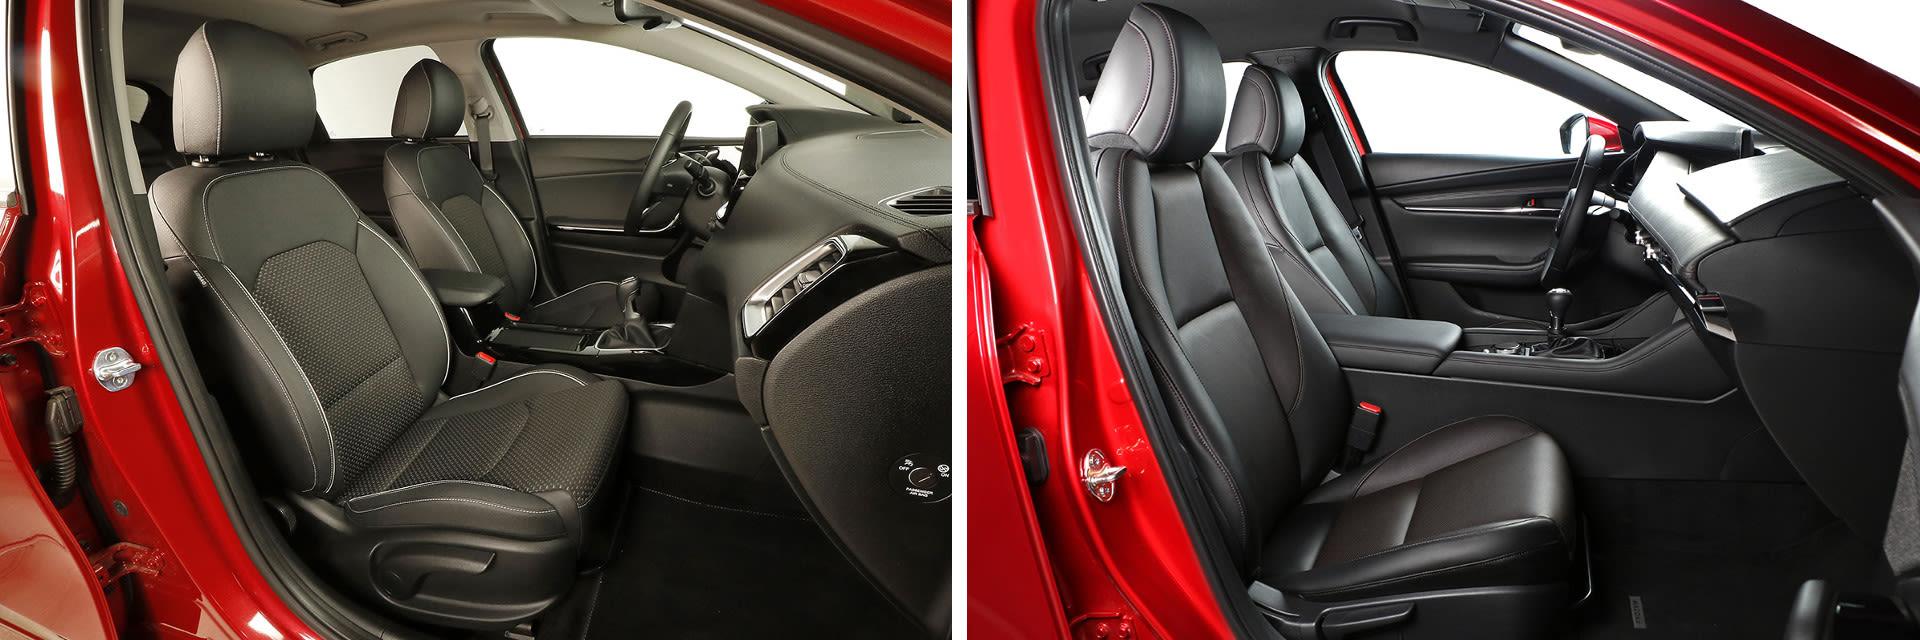 Los asientos delanteros del Ceed (izq.) y el Mazda3 (dcha.) son cómodos y sujetan bien el cuerpo.